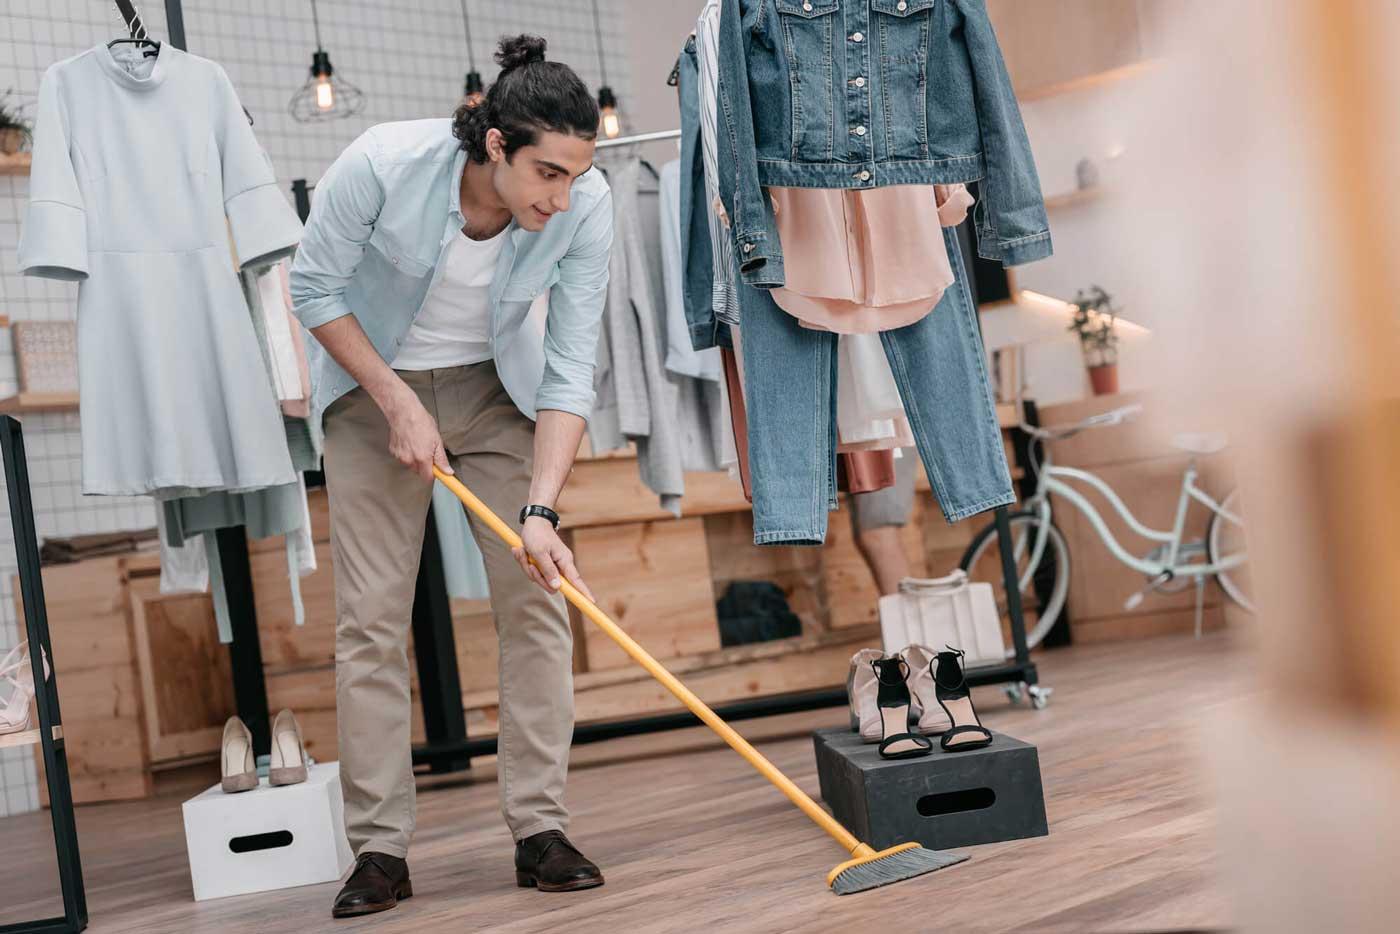 Como a limpeza da loja impacta na experiência do cliente?